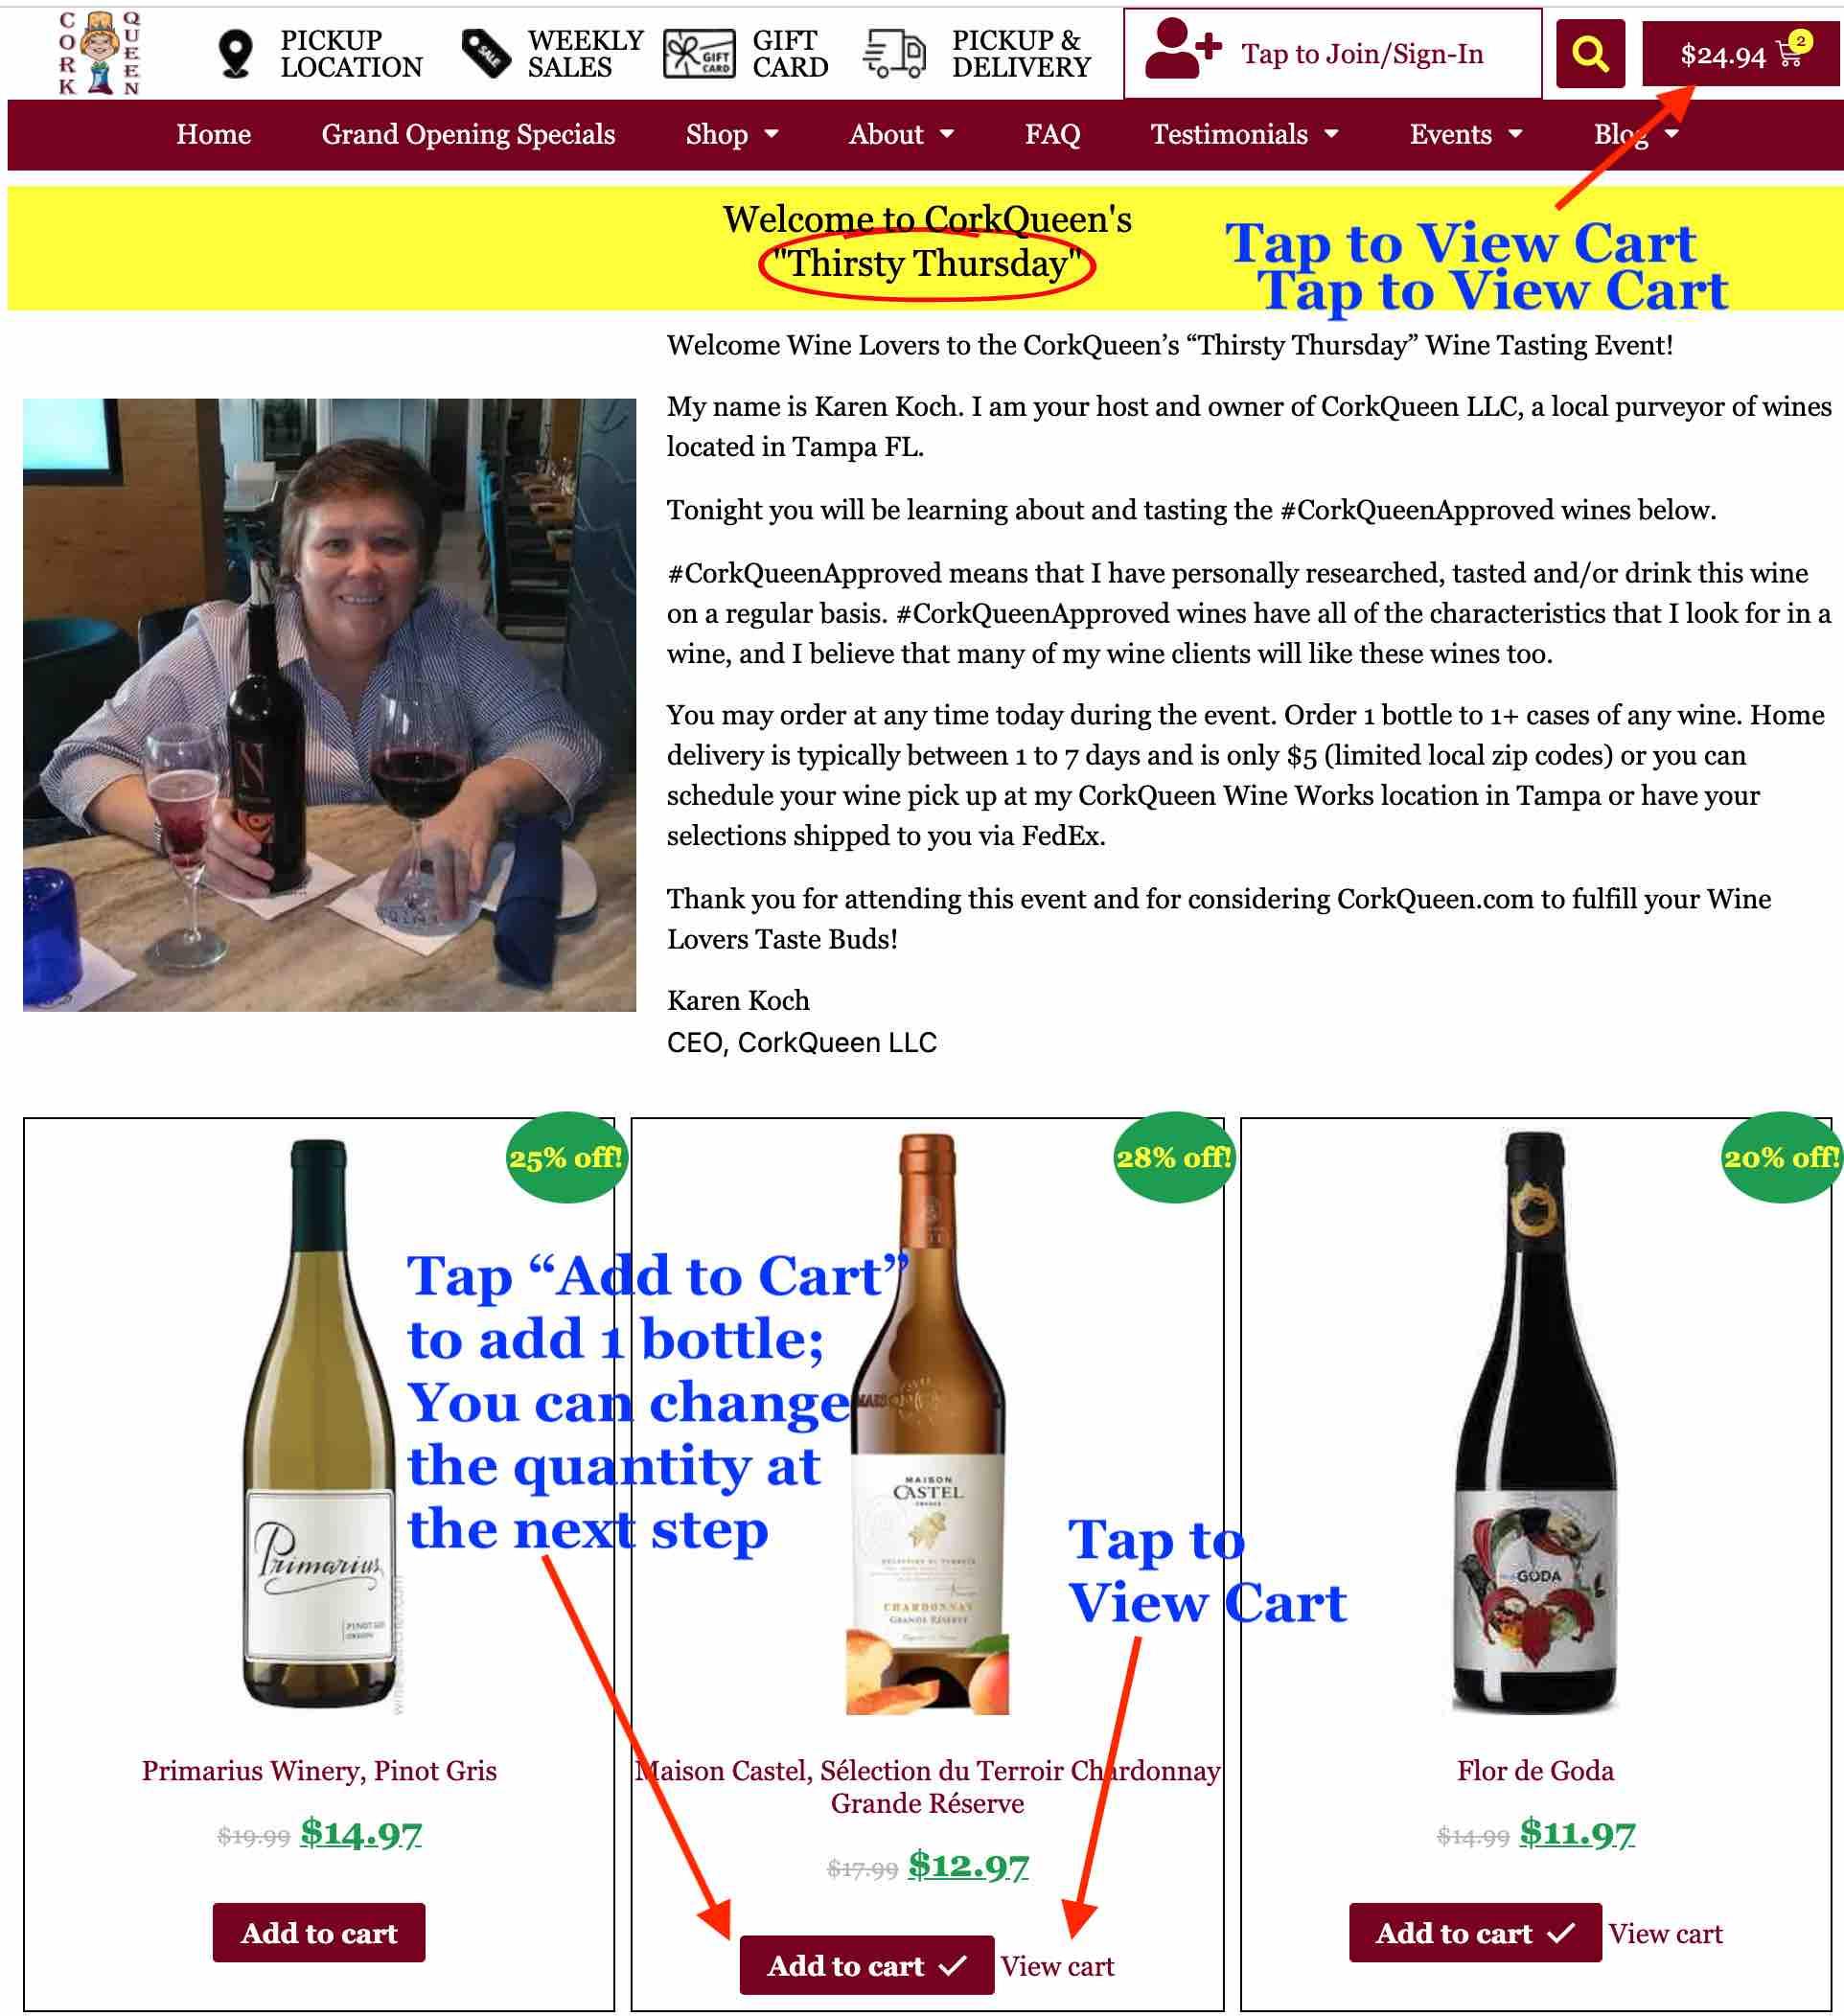 Order Wine - Step 4